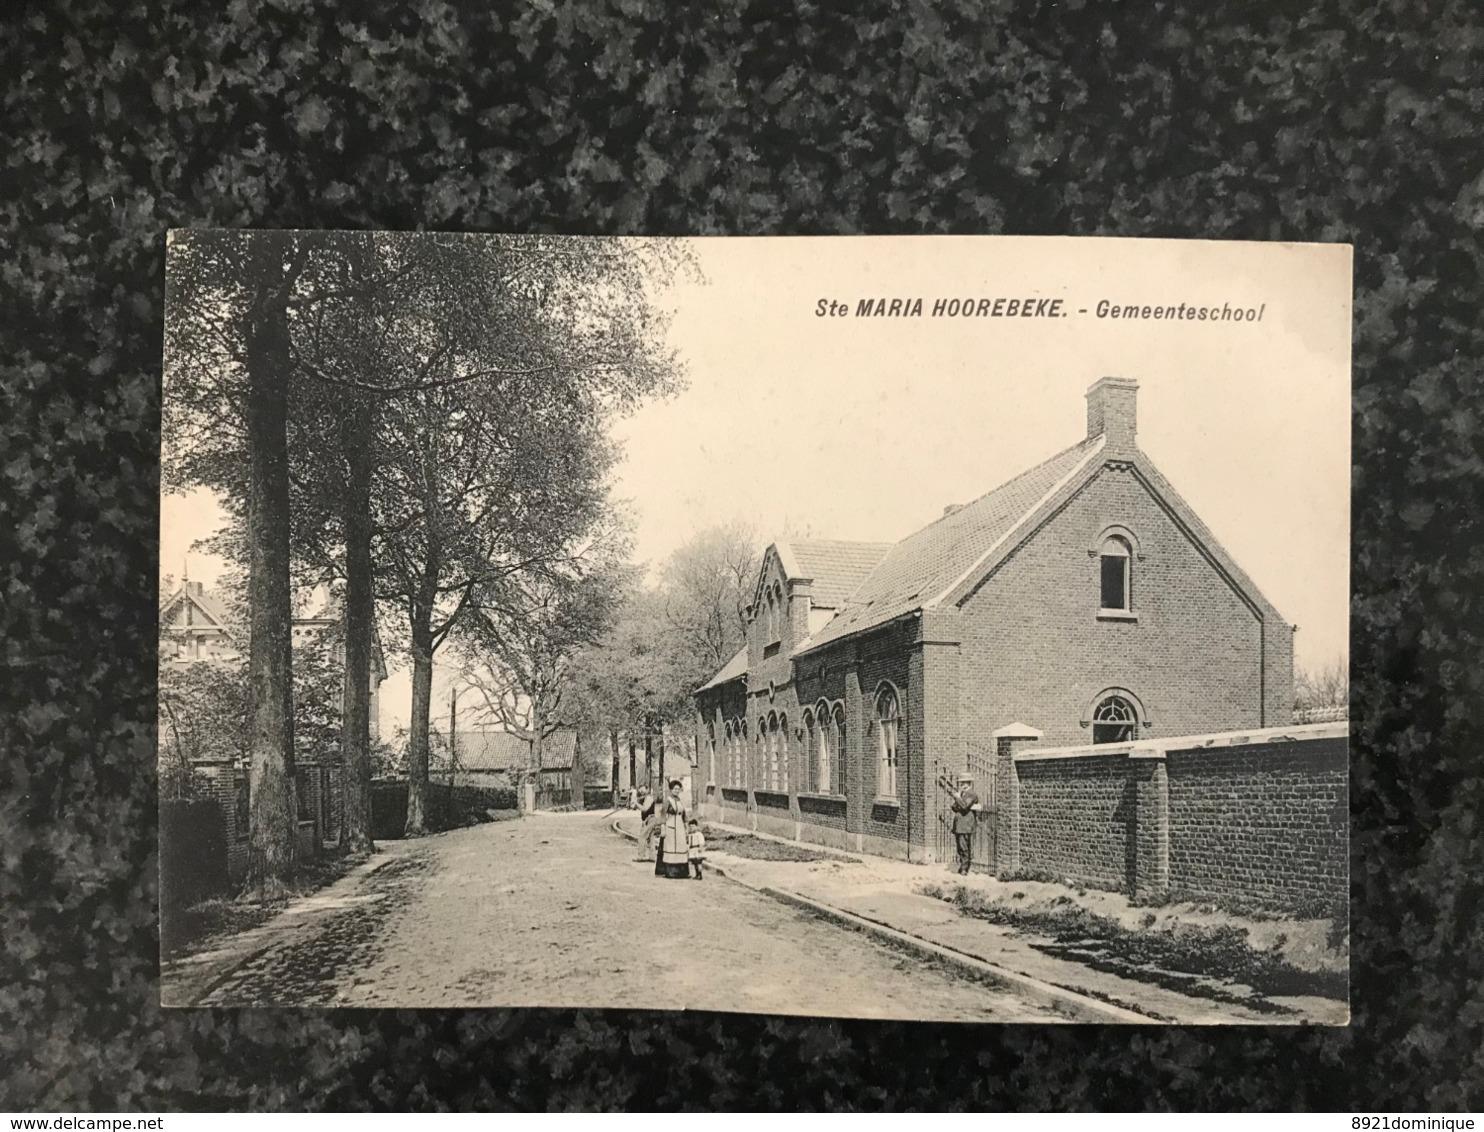 Sainte-Maria-Hoorebeke Sint-Marie-Horebeke - Gemeenteschool  - Uitg. De Clippele - Van Wymeersch - Geanimeerd - Horebeke